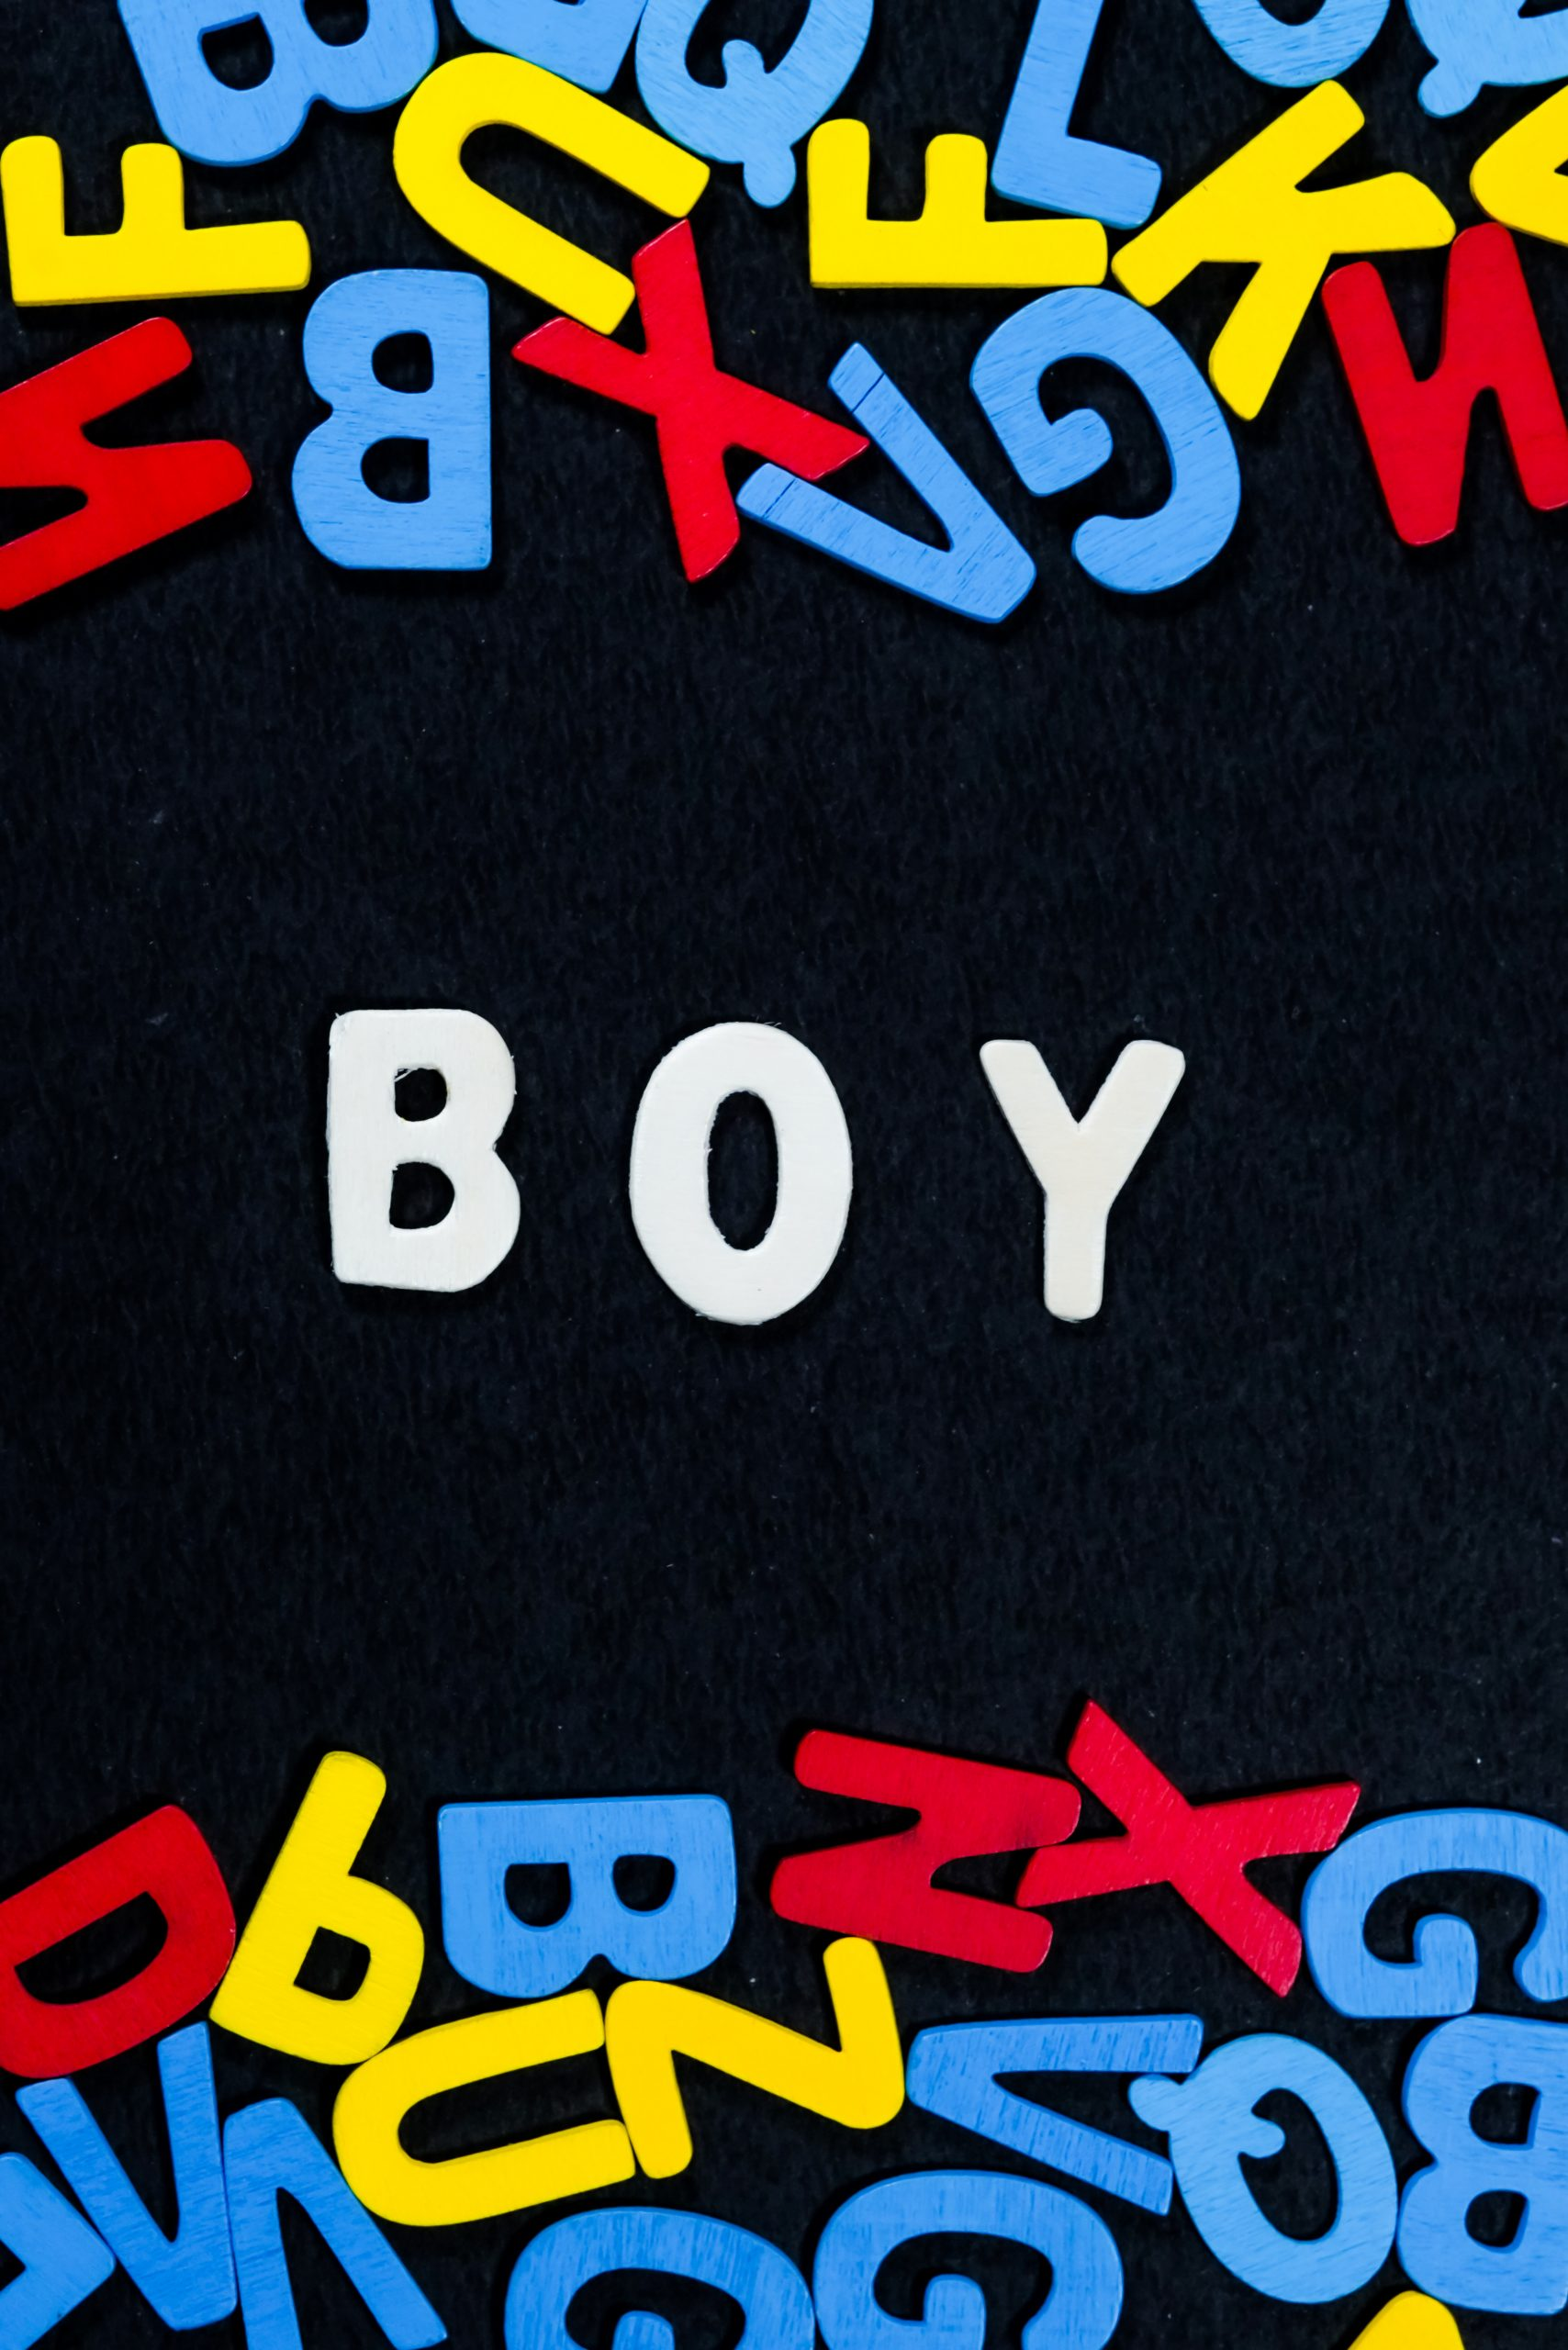 Boy written with scrabble